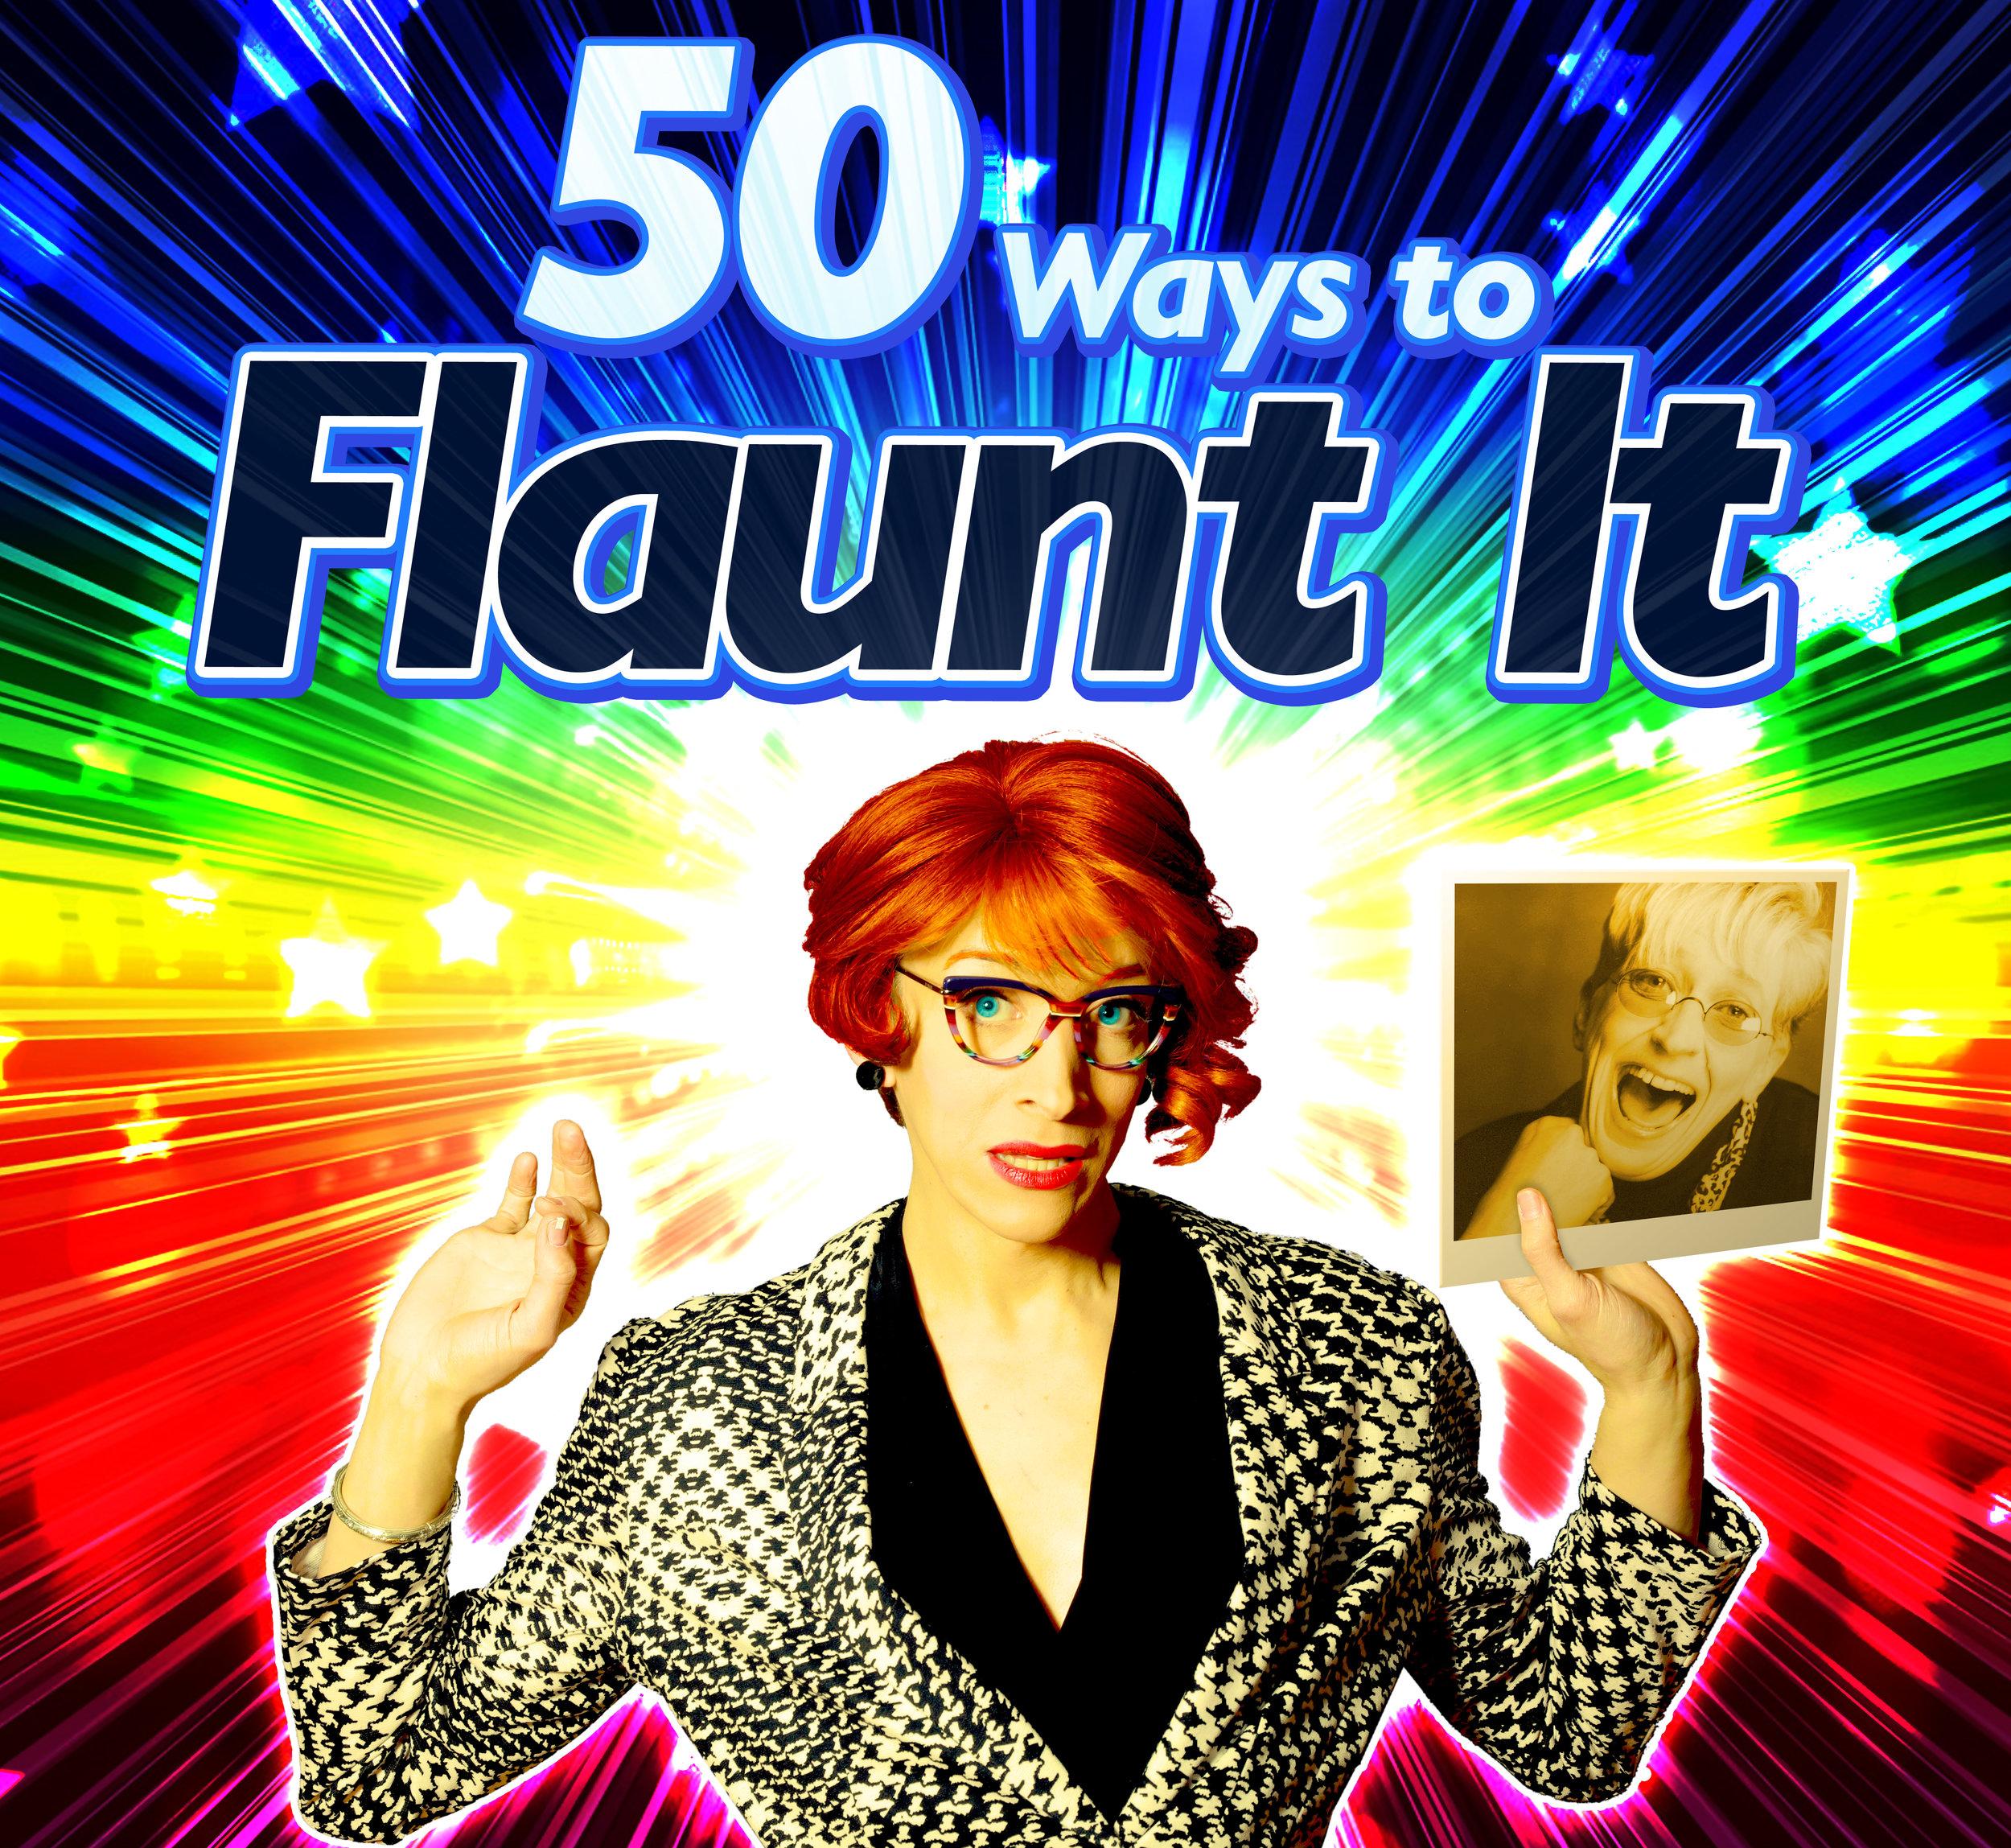 50 Ways to Flaunt It No Bang and Lori Dokken.jpg